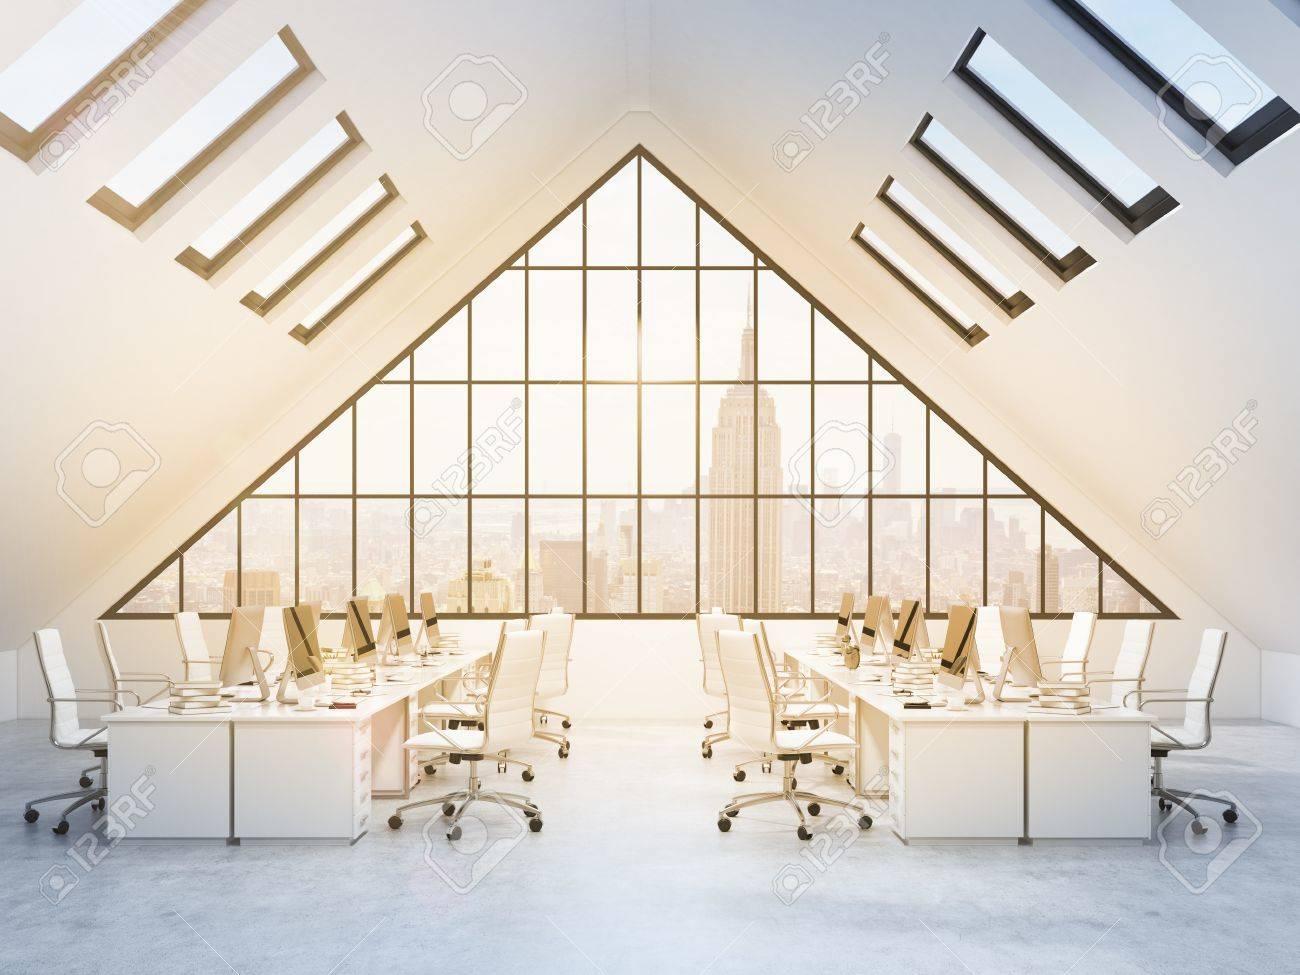 Wunderschön Weisse Stühle Sammlung Von 51986287-vier-reihen-von-tischen-putern-und-sachen-in-einem-büro-auf-dem-dachboden- Weiße-stühle-große-dreiecksfens.jpg